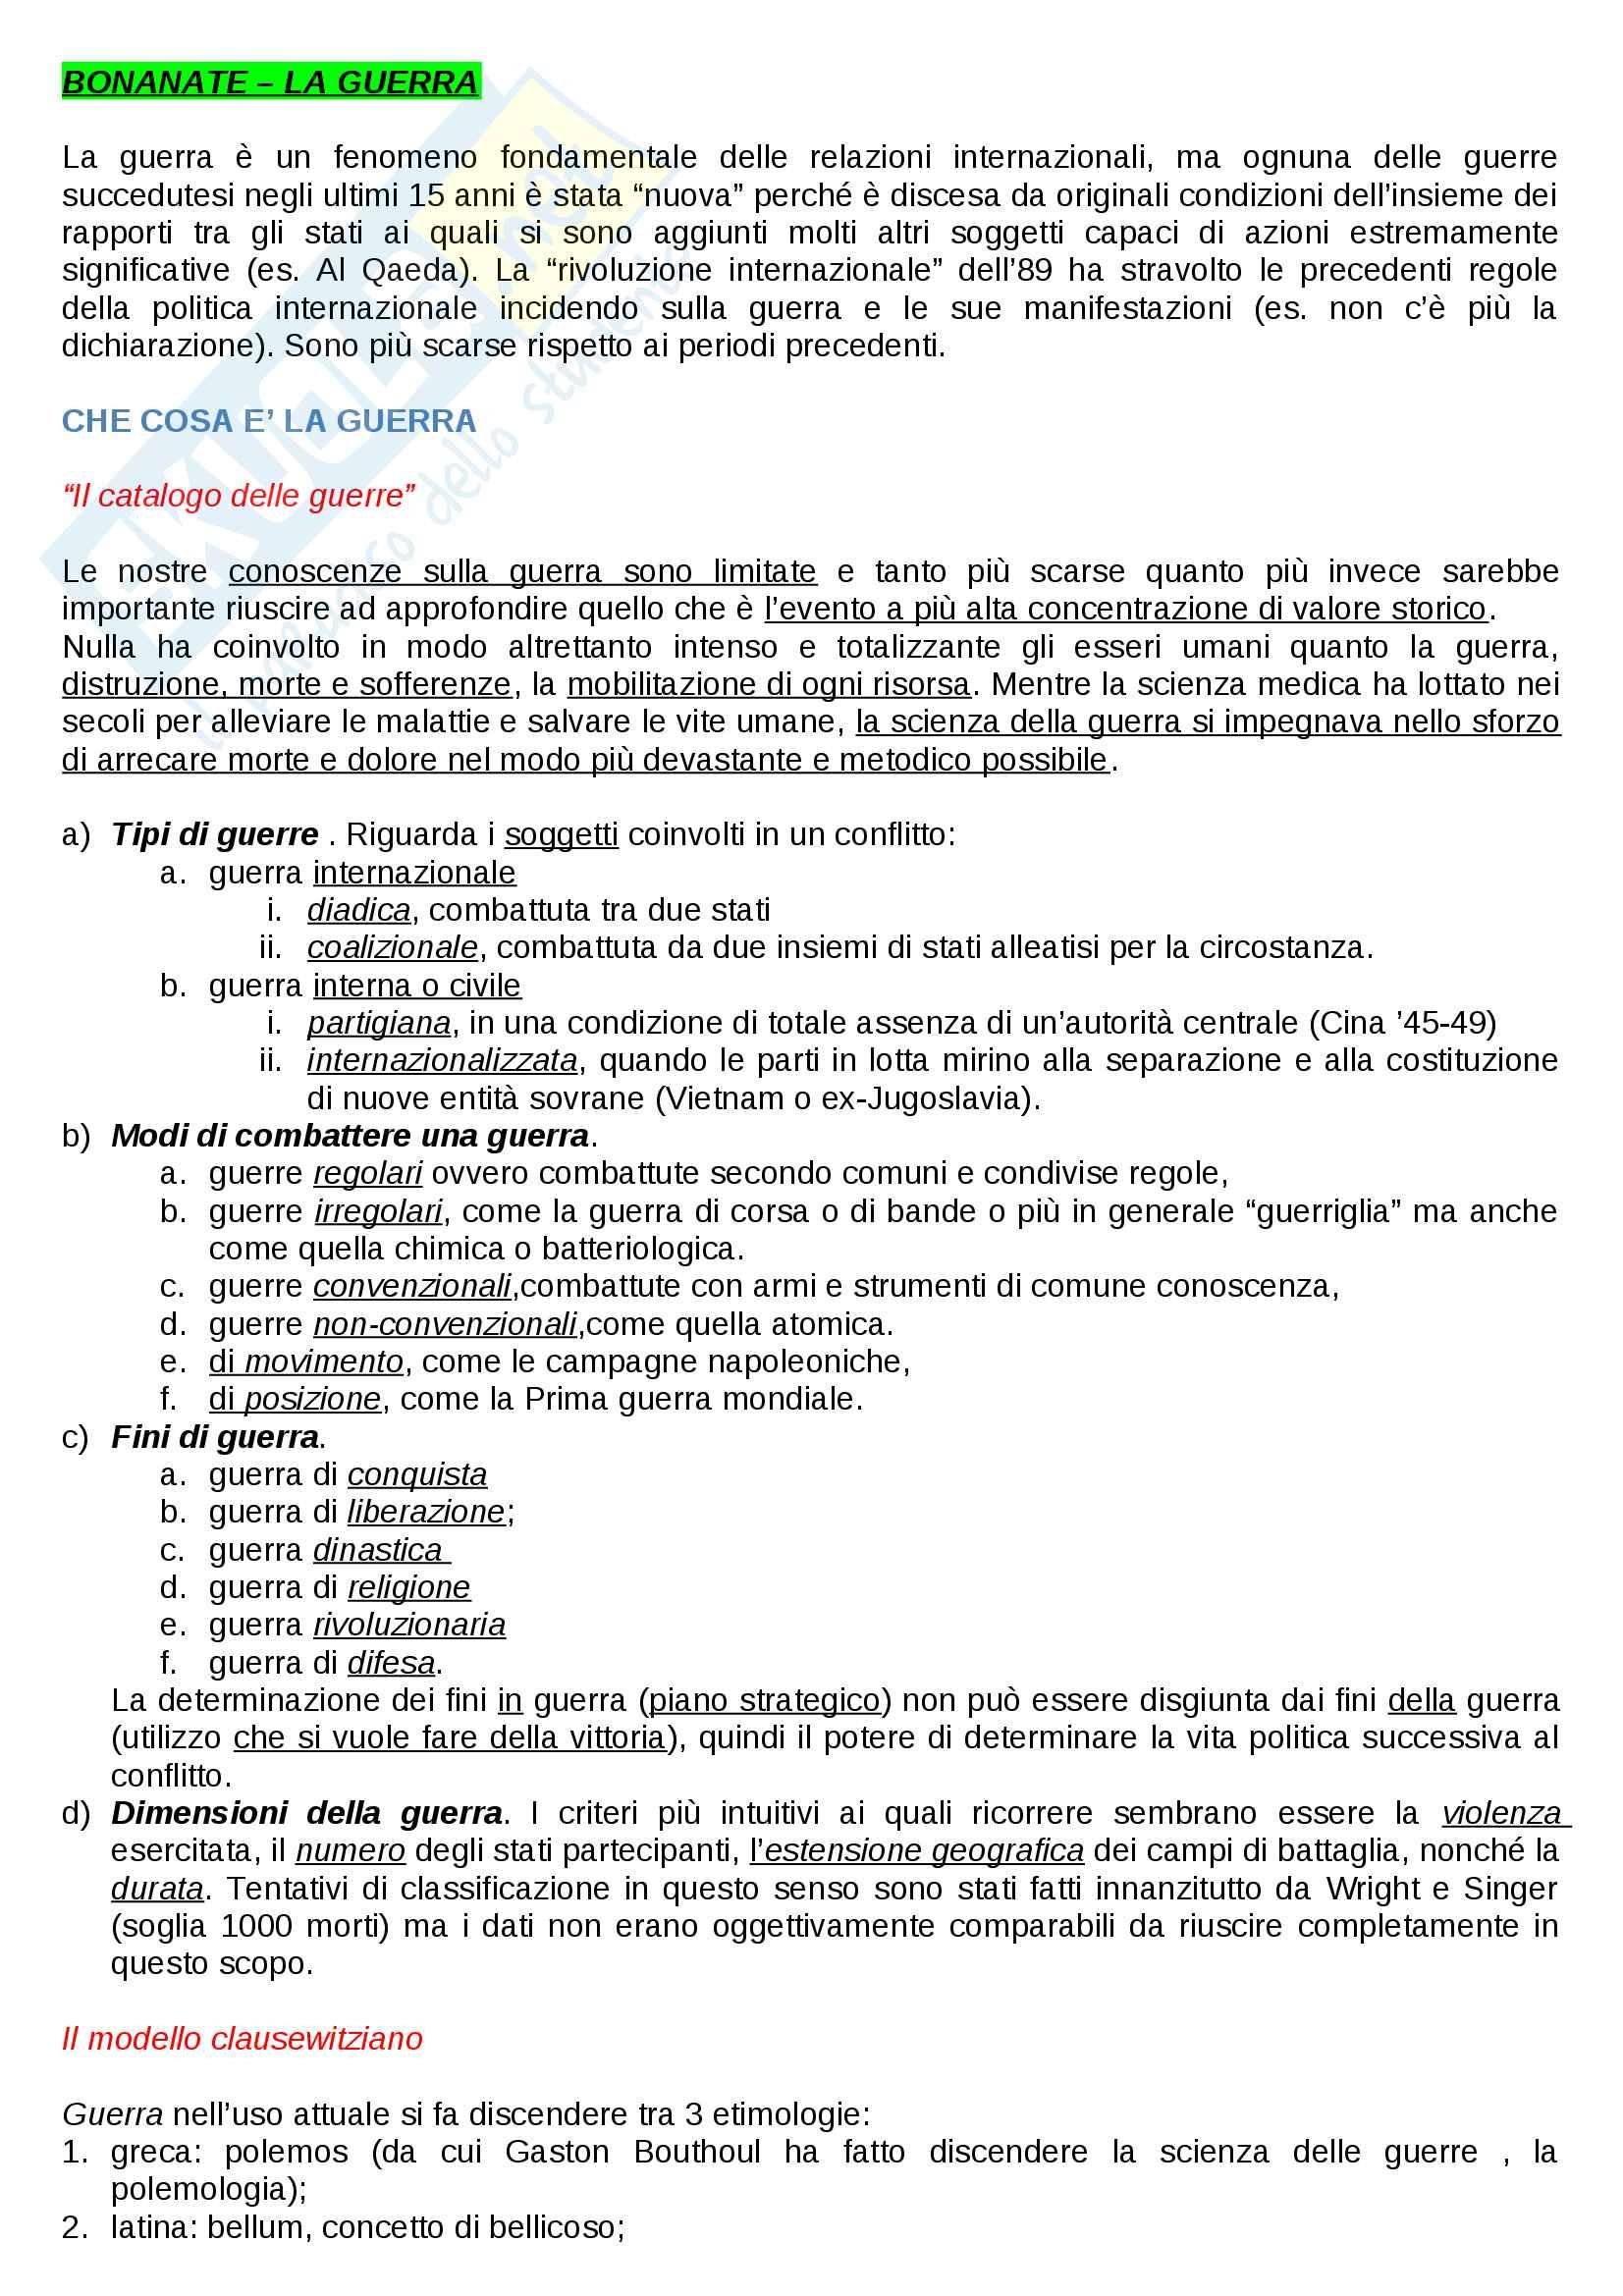 Riassunto esame Storia della guerra, docente Minniti, libro consigliato La guerra, Luigi Bonanate